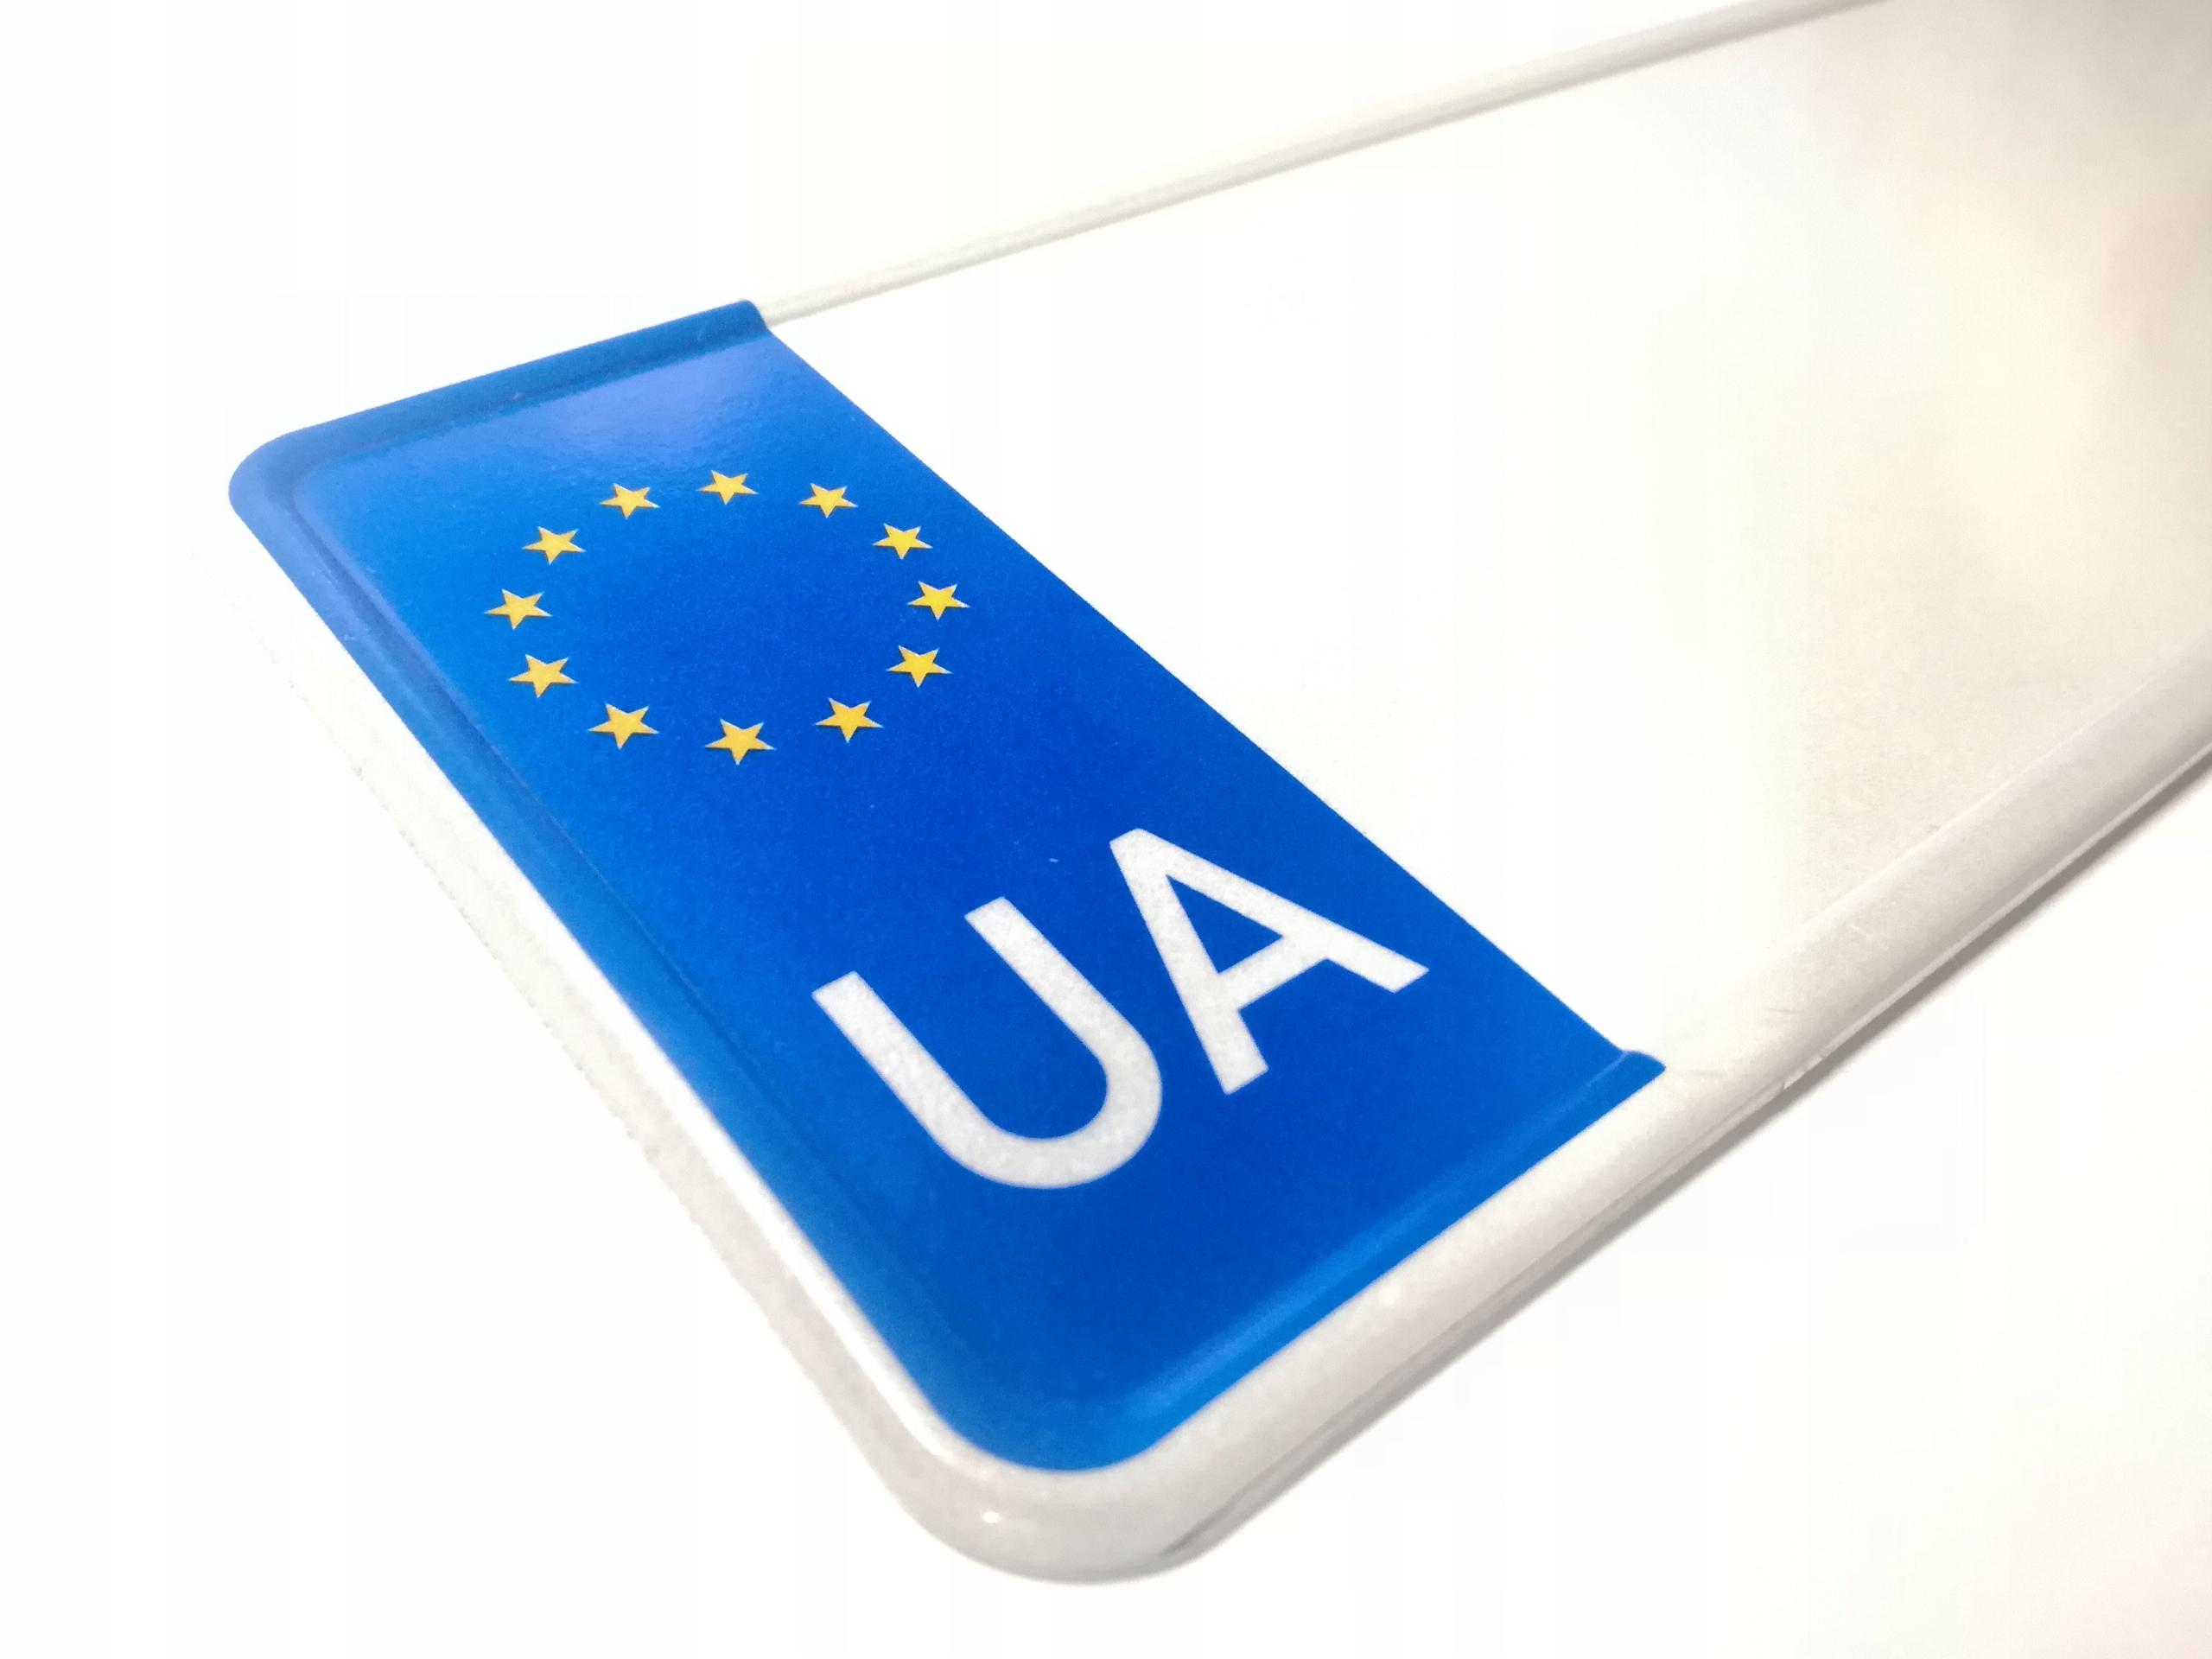 Tablica Rejestracyjna Ua Ukraina Ukrainska Radomsko Allegro Pl